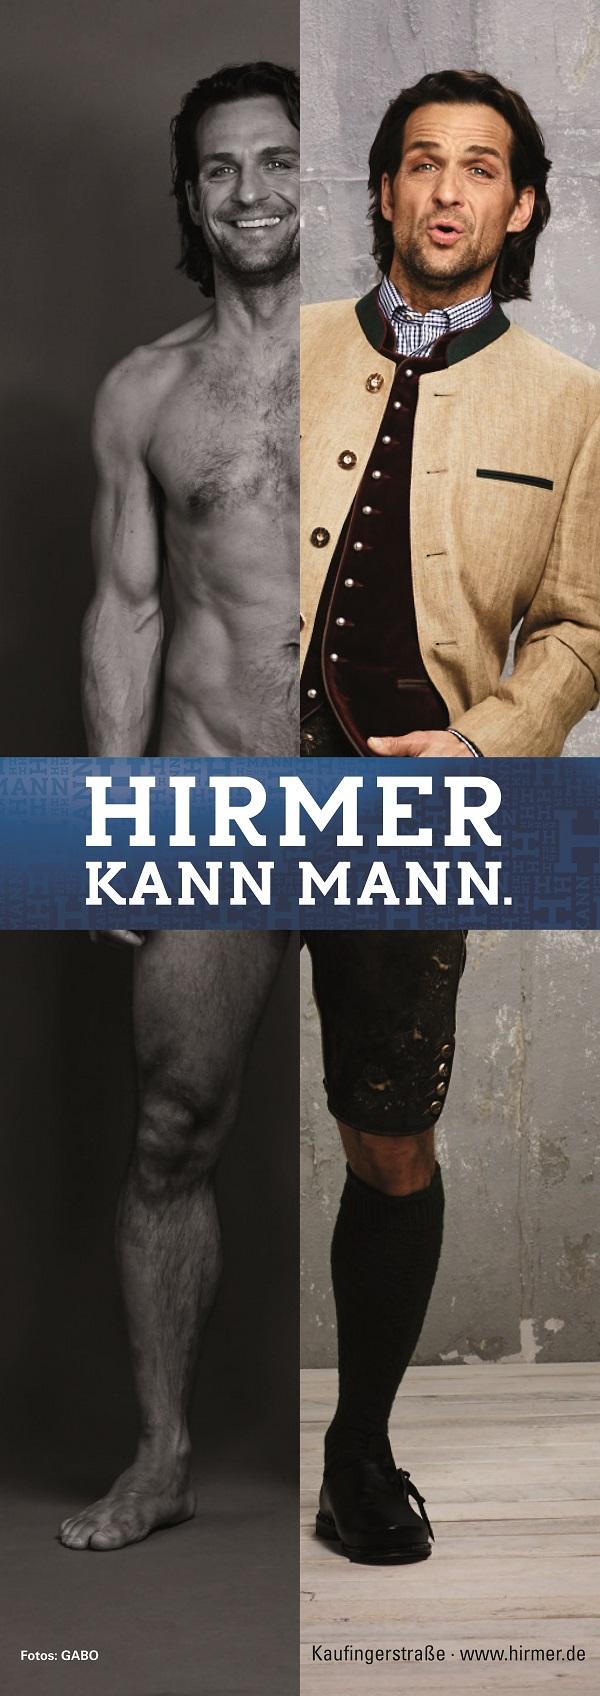 hirmer-herrenmode-5